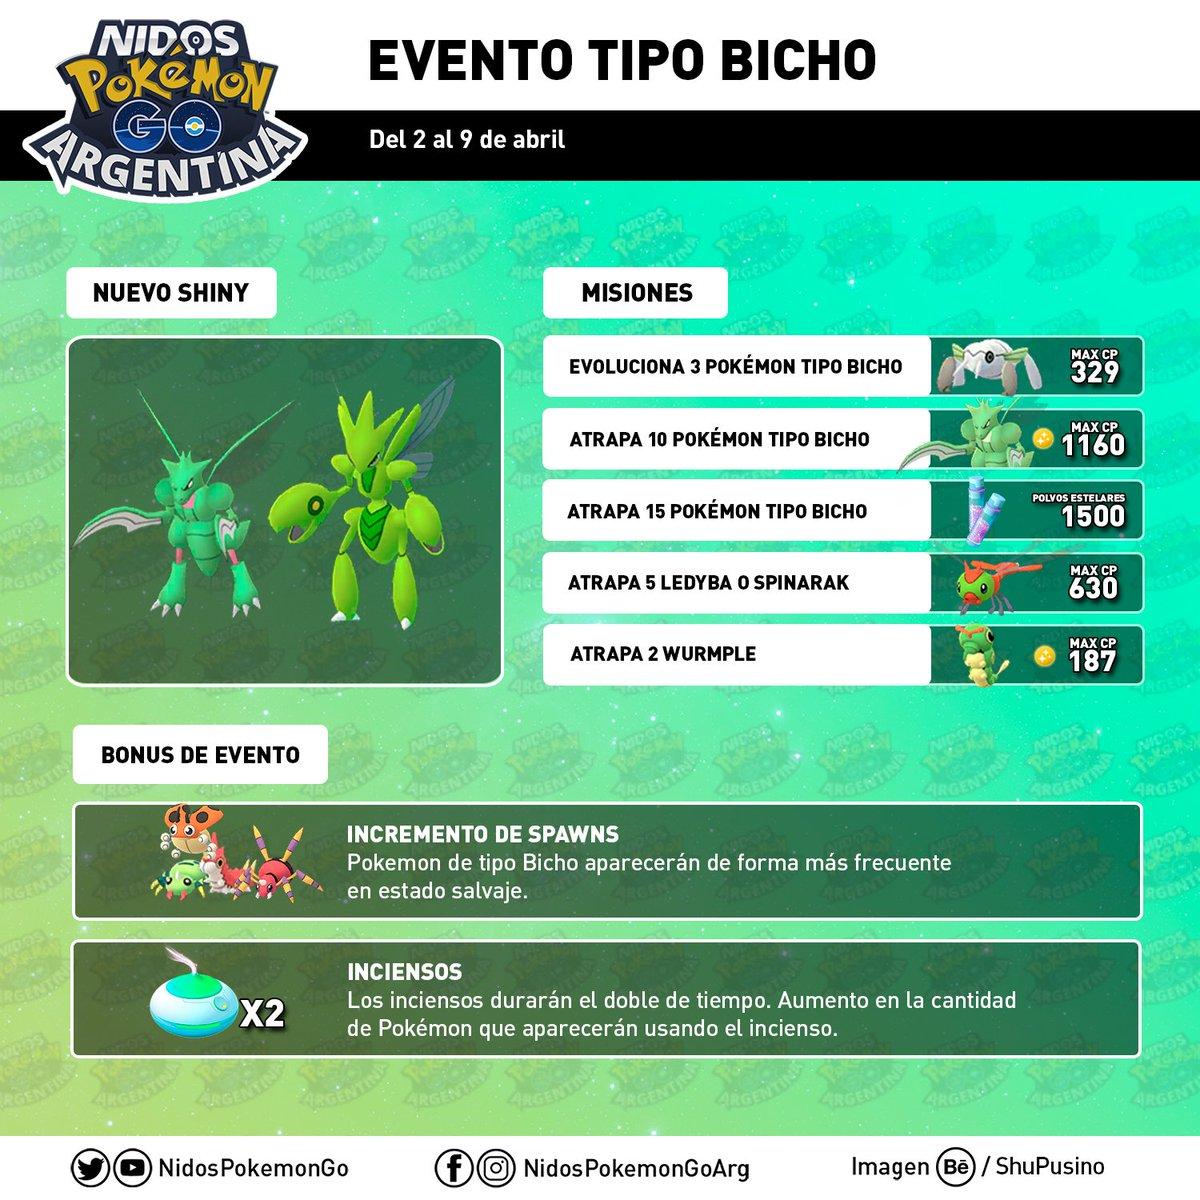 Imagen de los Pokémon shiny, las misiones y los bonus del evento de Bicho hecho por Nidos Pokémon GO Argentina